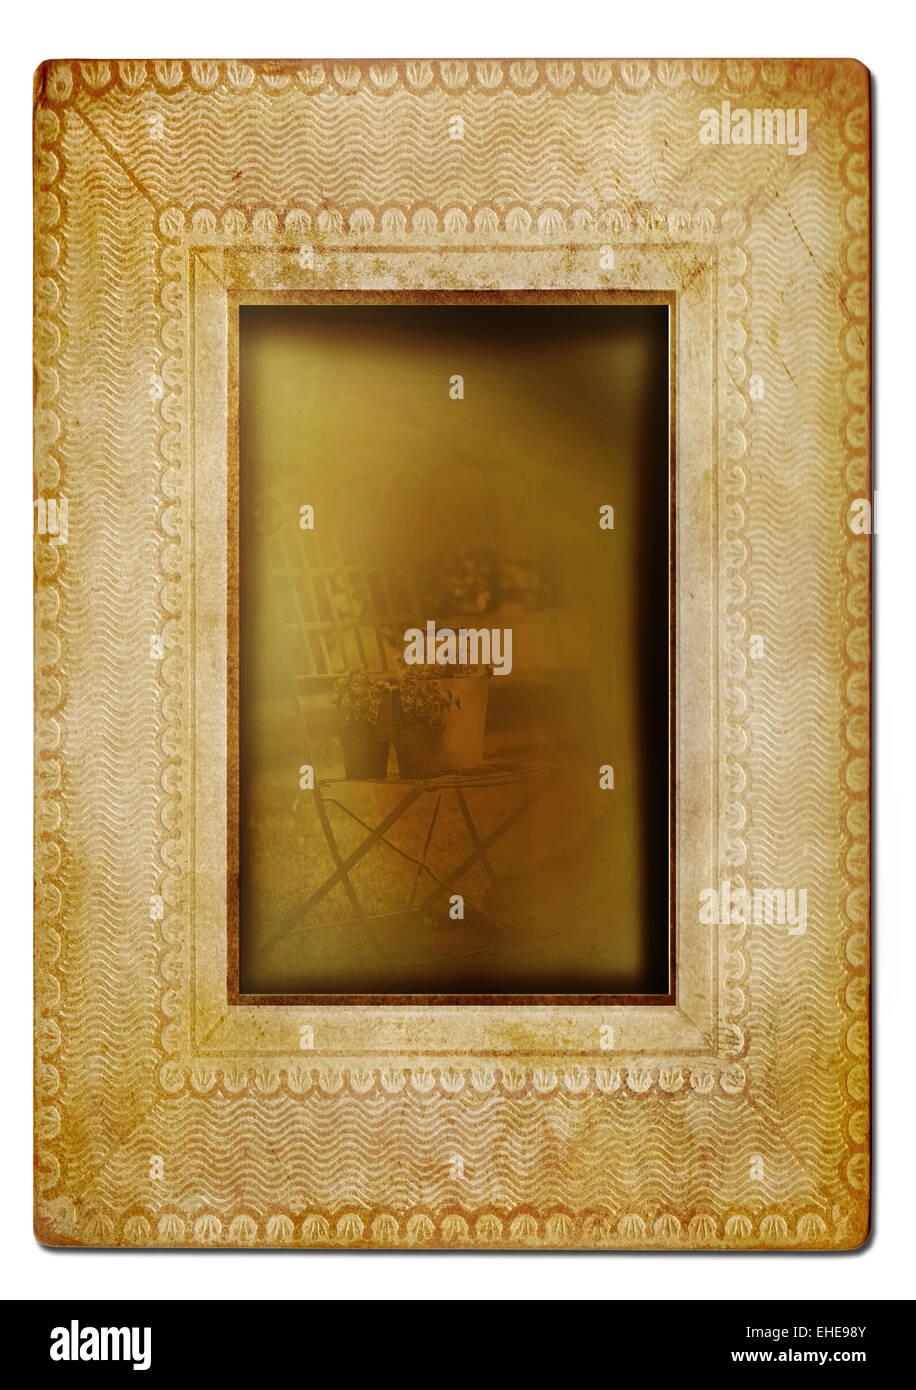 Photo Frame Edges Stockfotos & Photo Frame Edges Bilder - Alamy